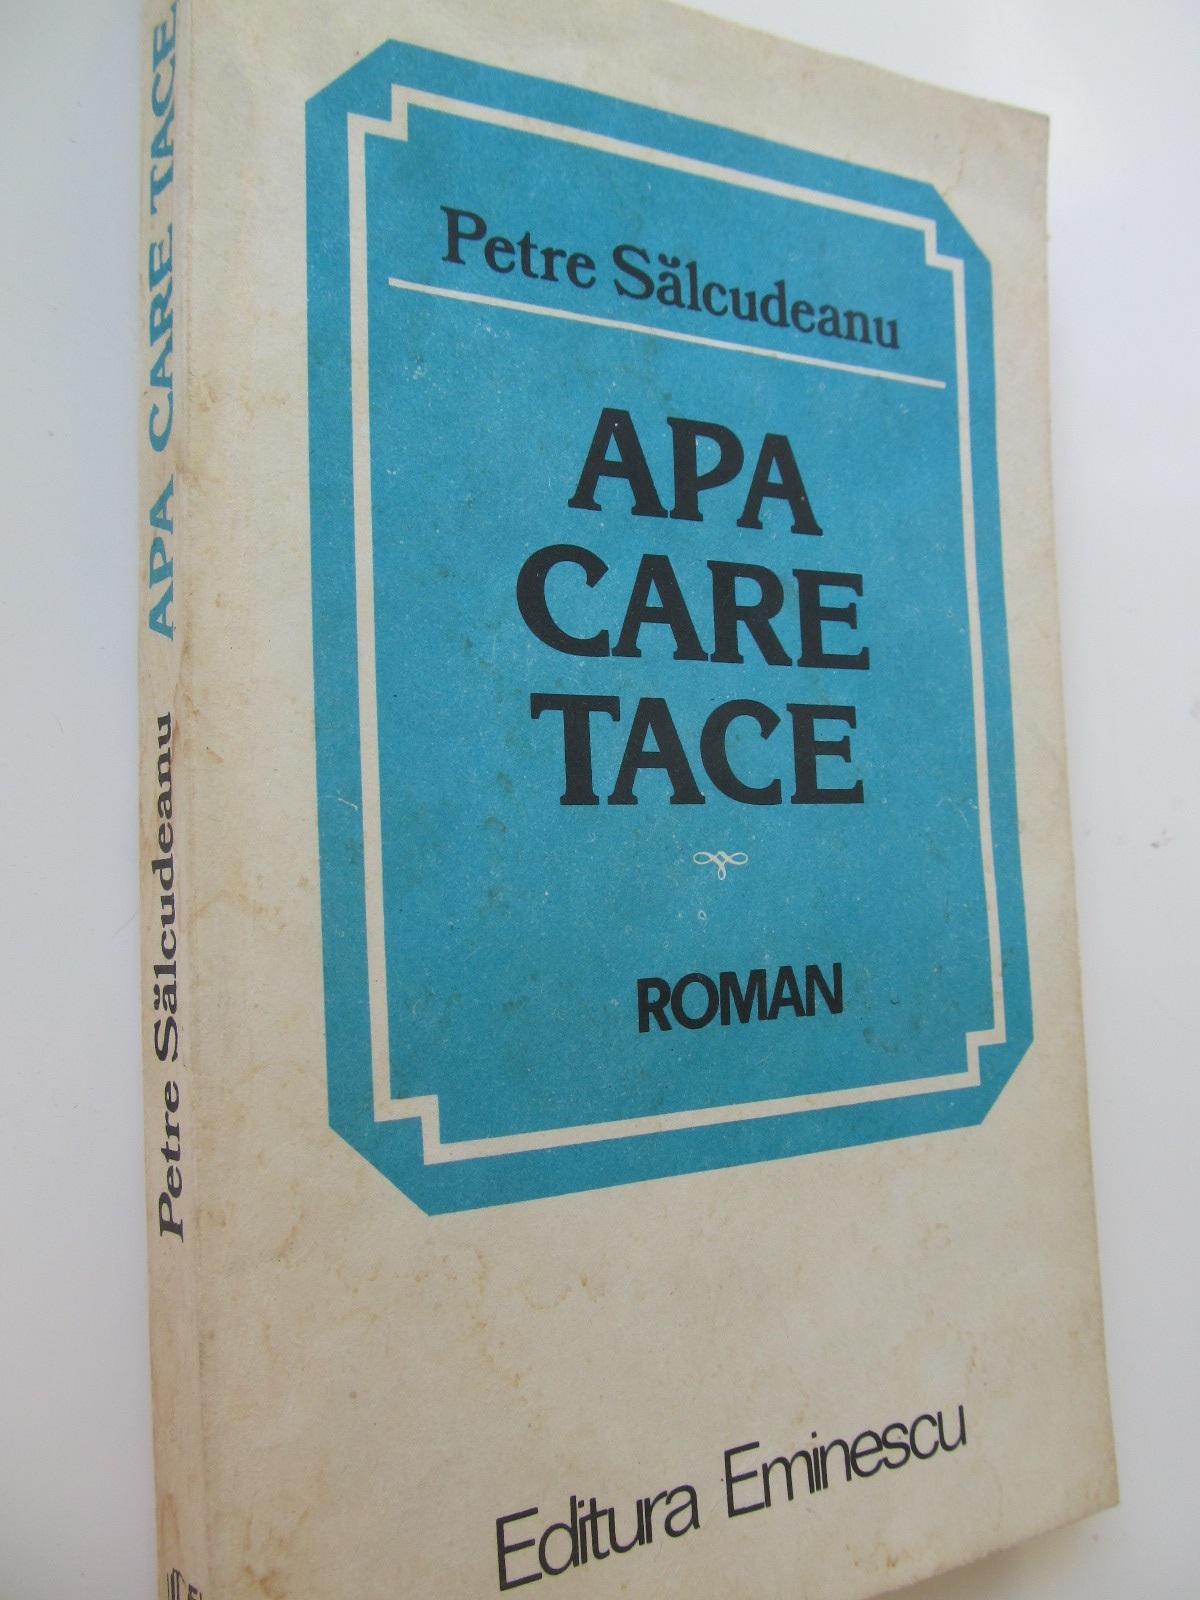 Apa care trece - Petre Salcudeanu | Detalii carte